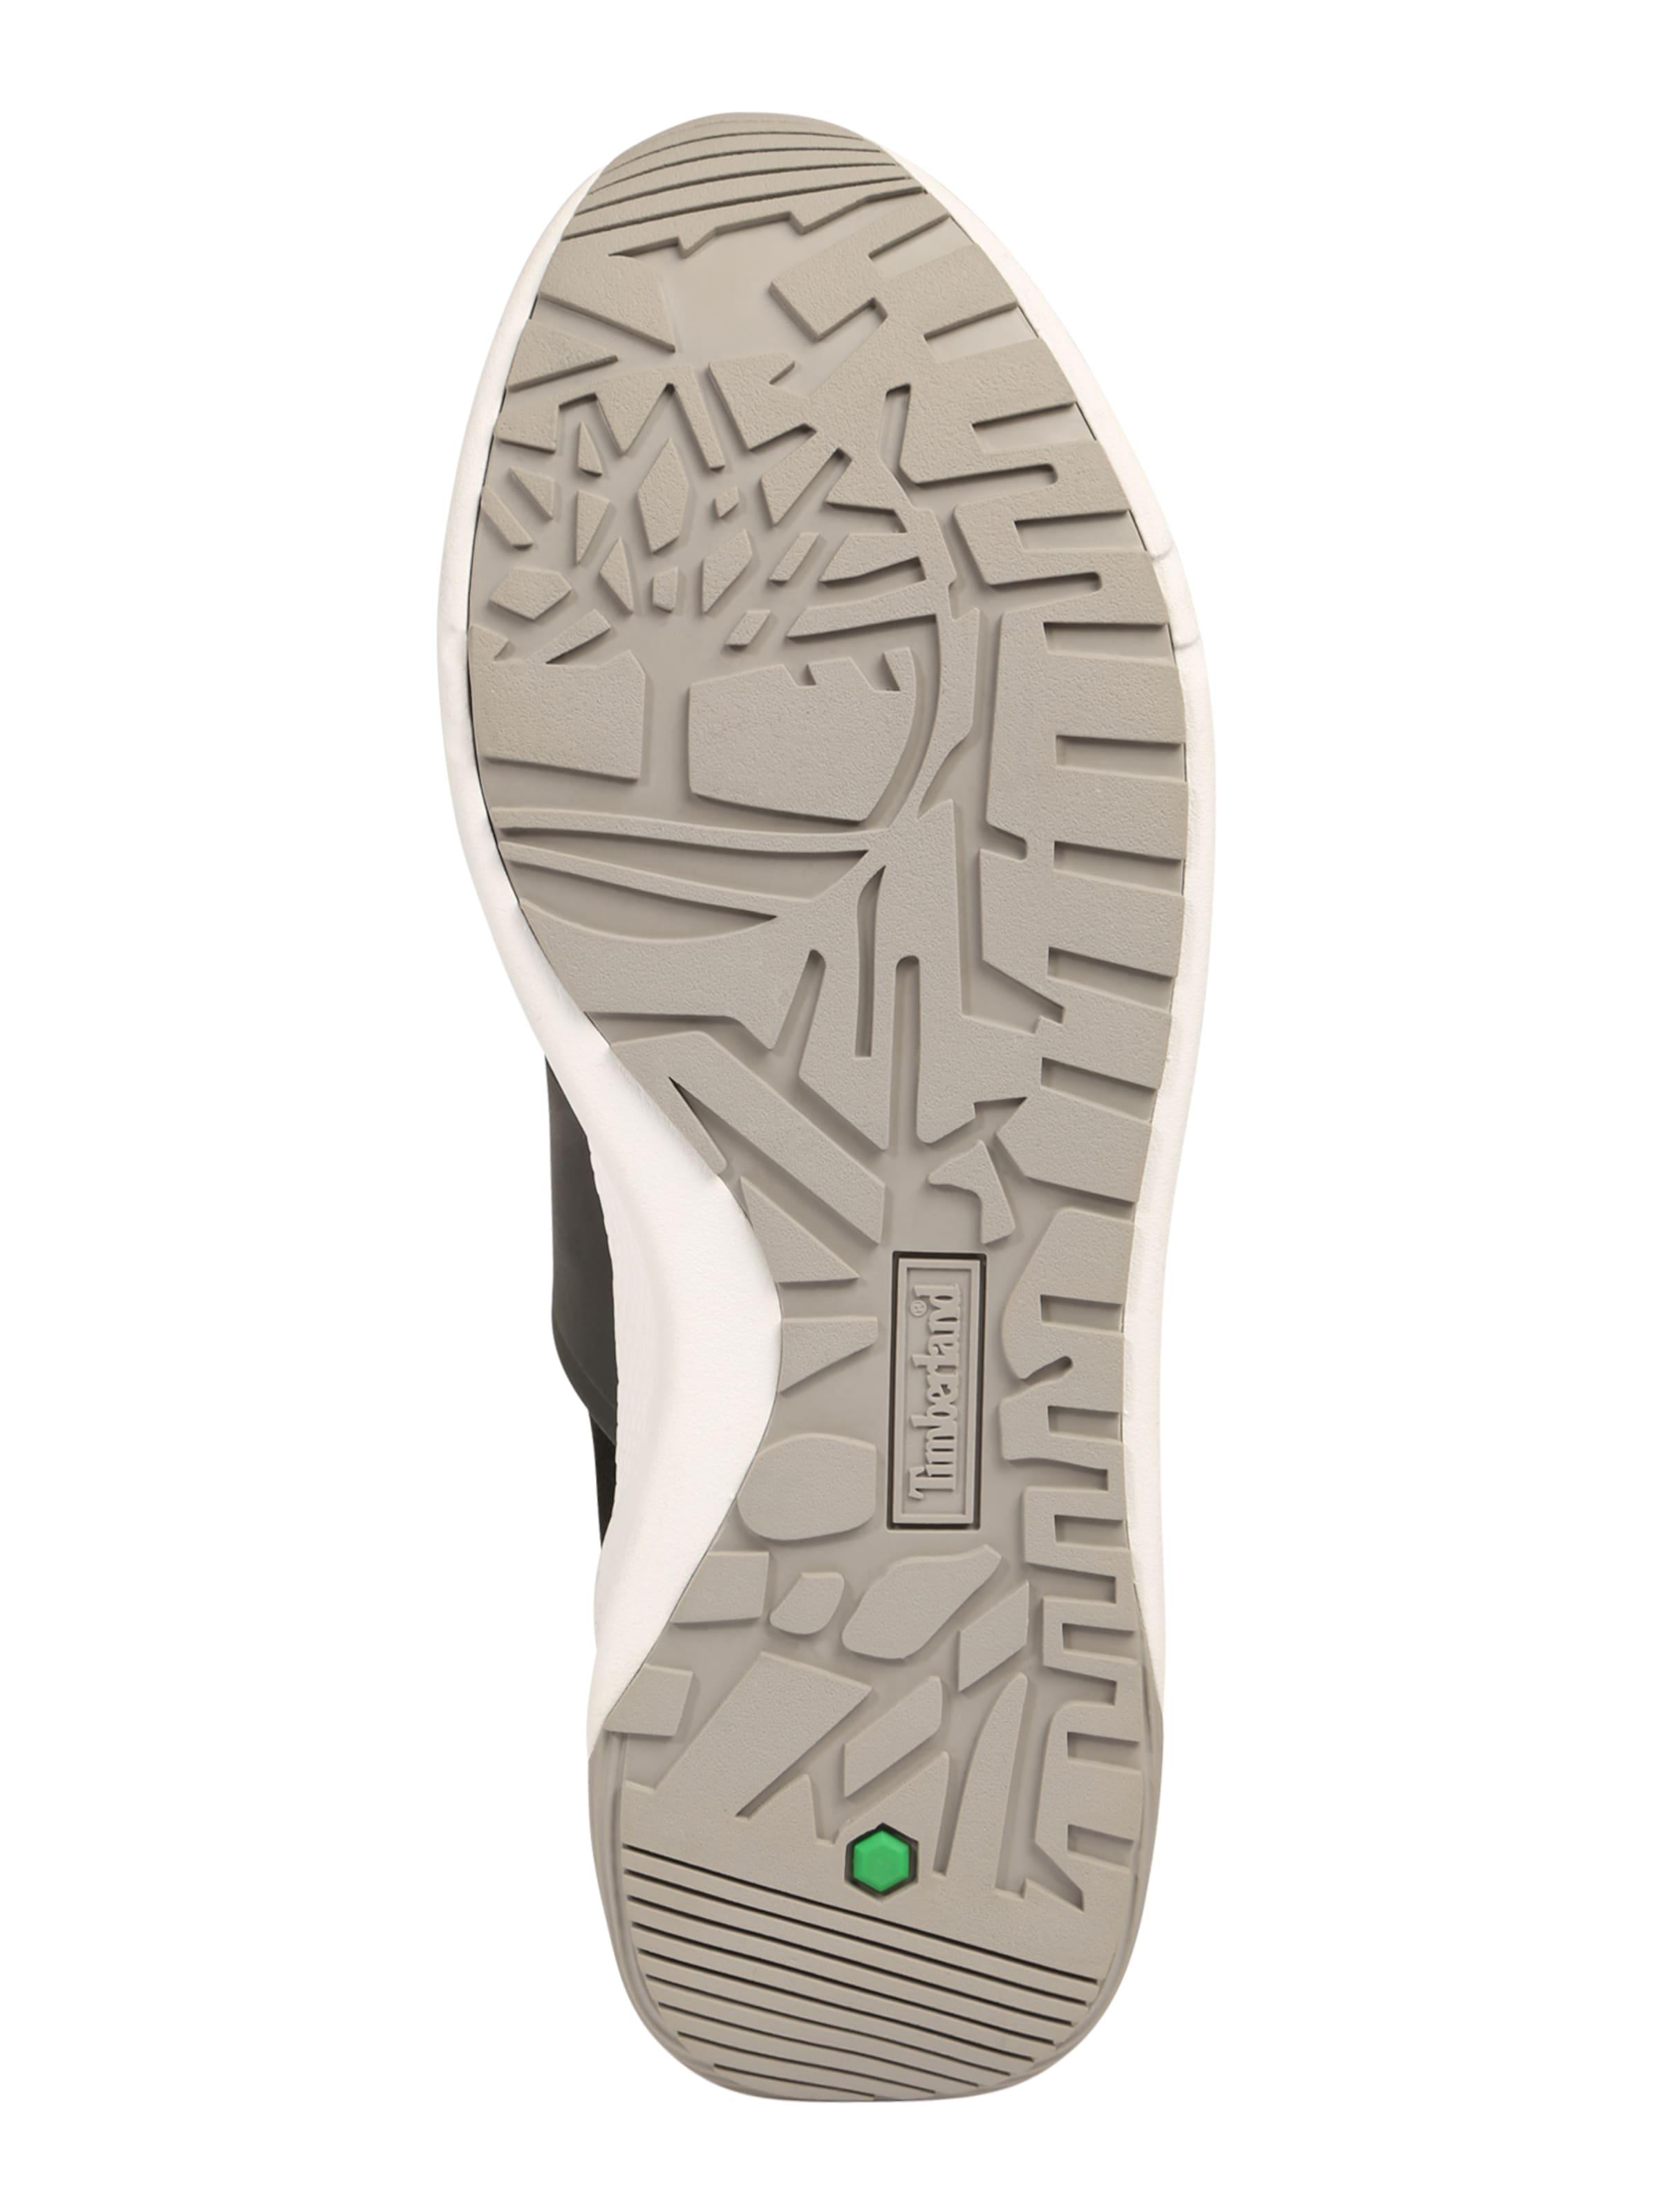 Billig Verkauf Amazon TIMBERLAND Sneaker 'Kiri Oxford' Billig Verkauf Footlocker Sammlungen Online Freies Verschiffen Aus Deutschland AeaLB